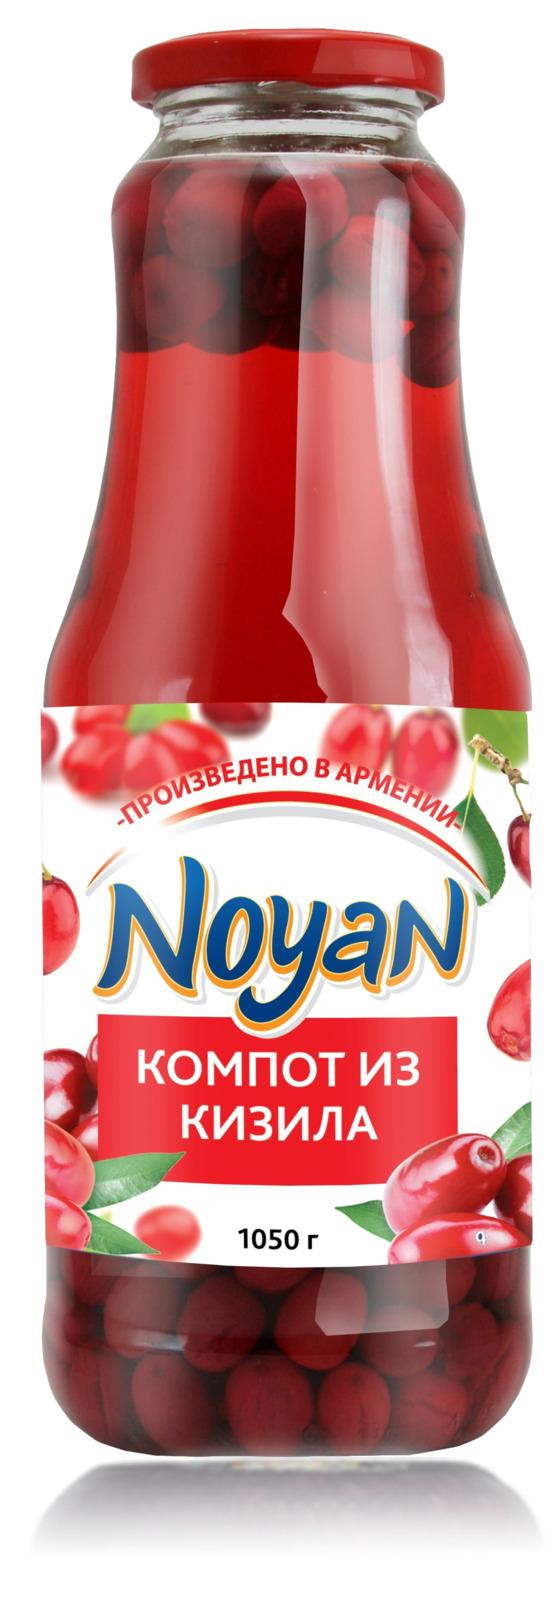 Компот из кизила Noyan, 1050 г кубань продукт компот из кизила 1 л